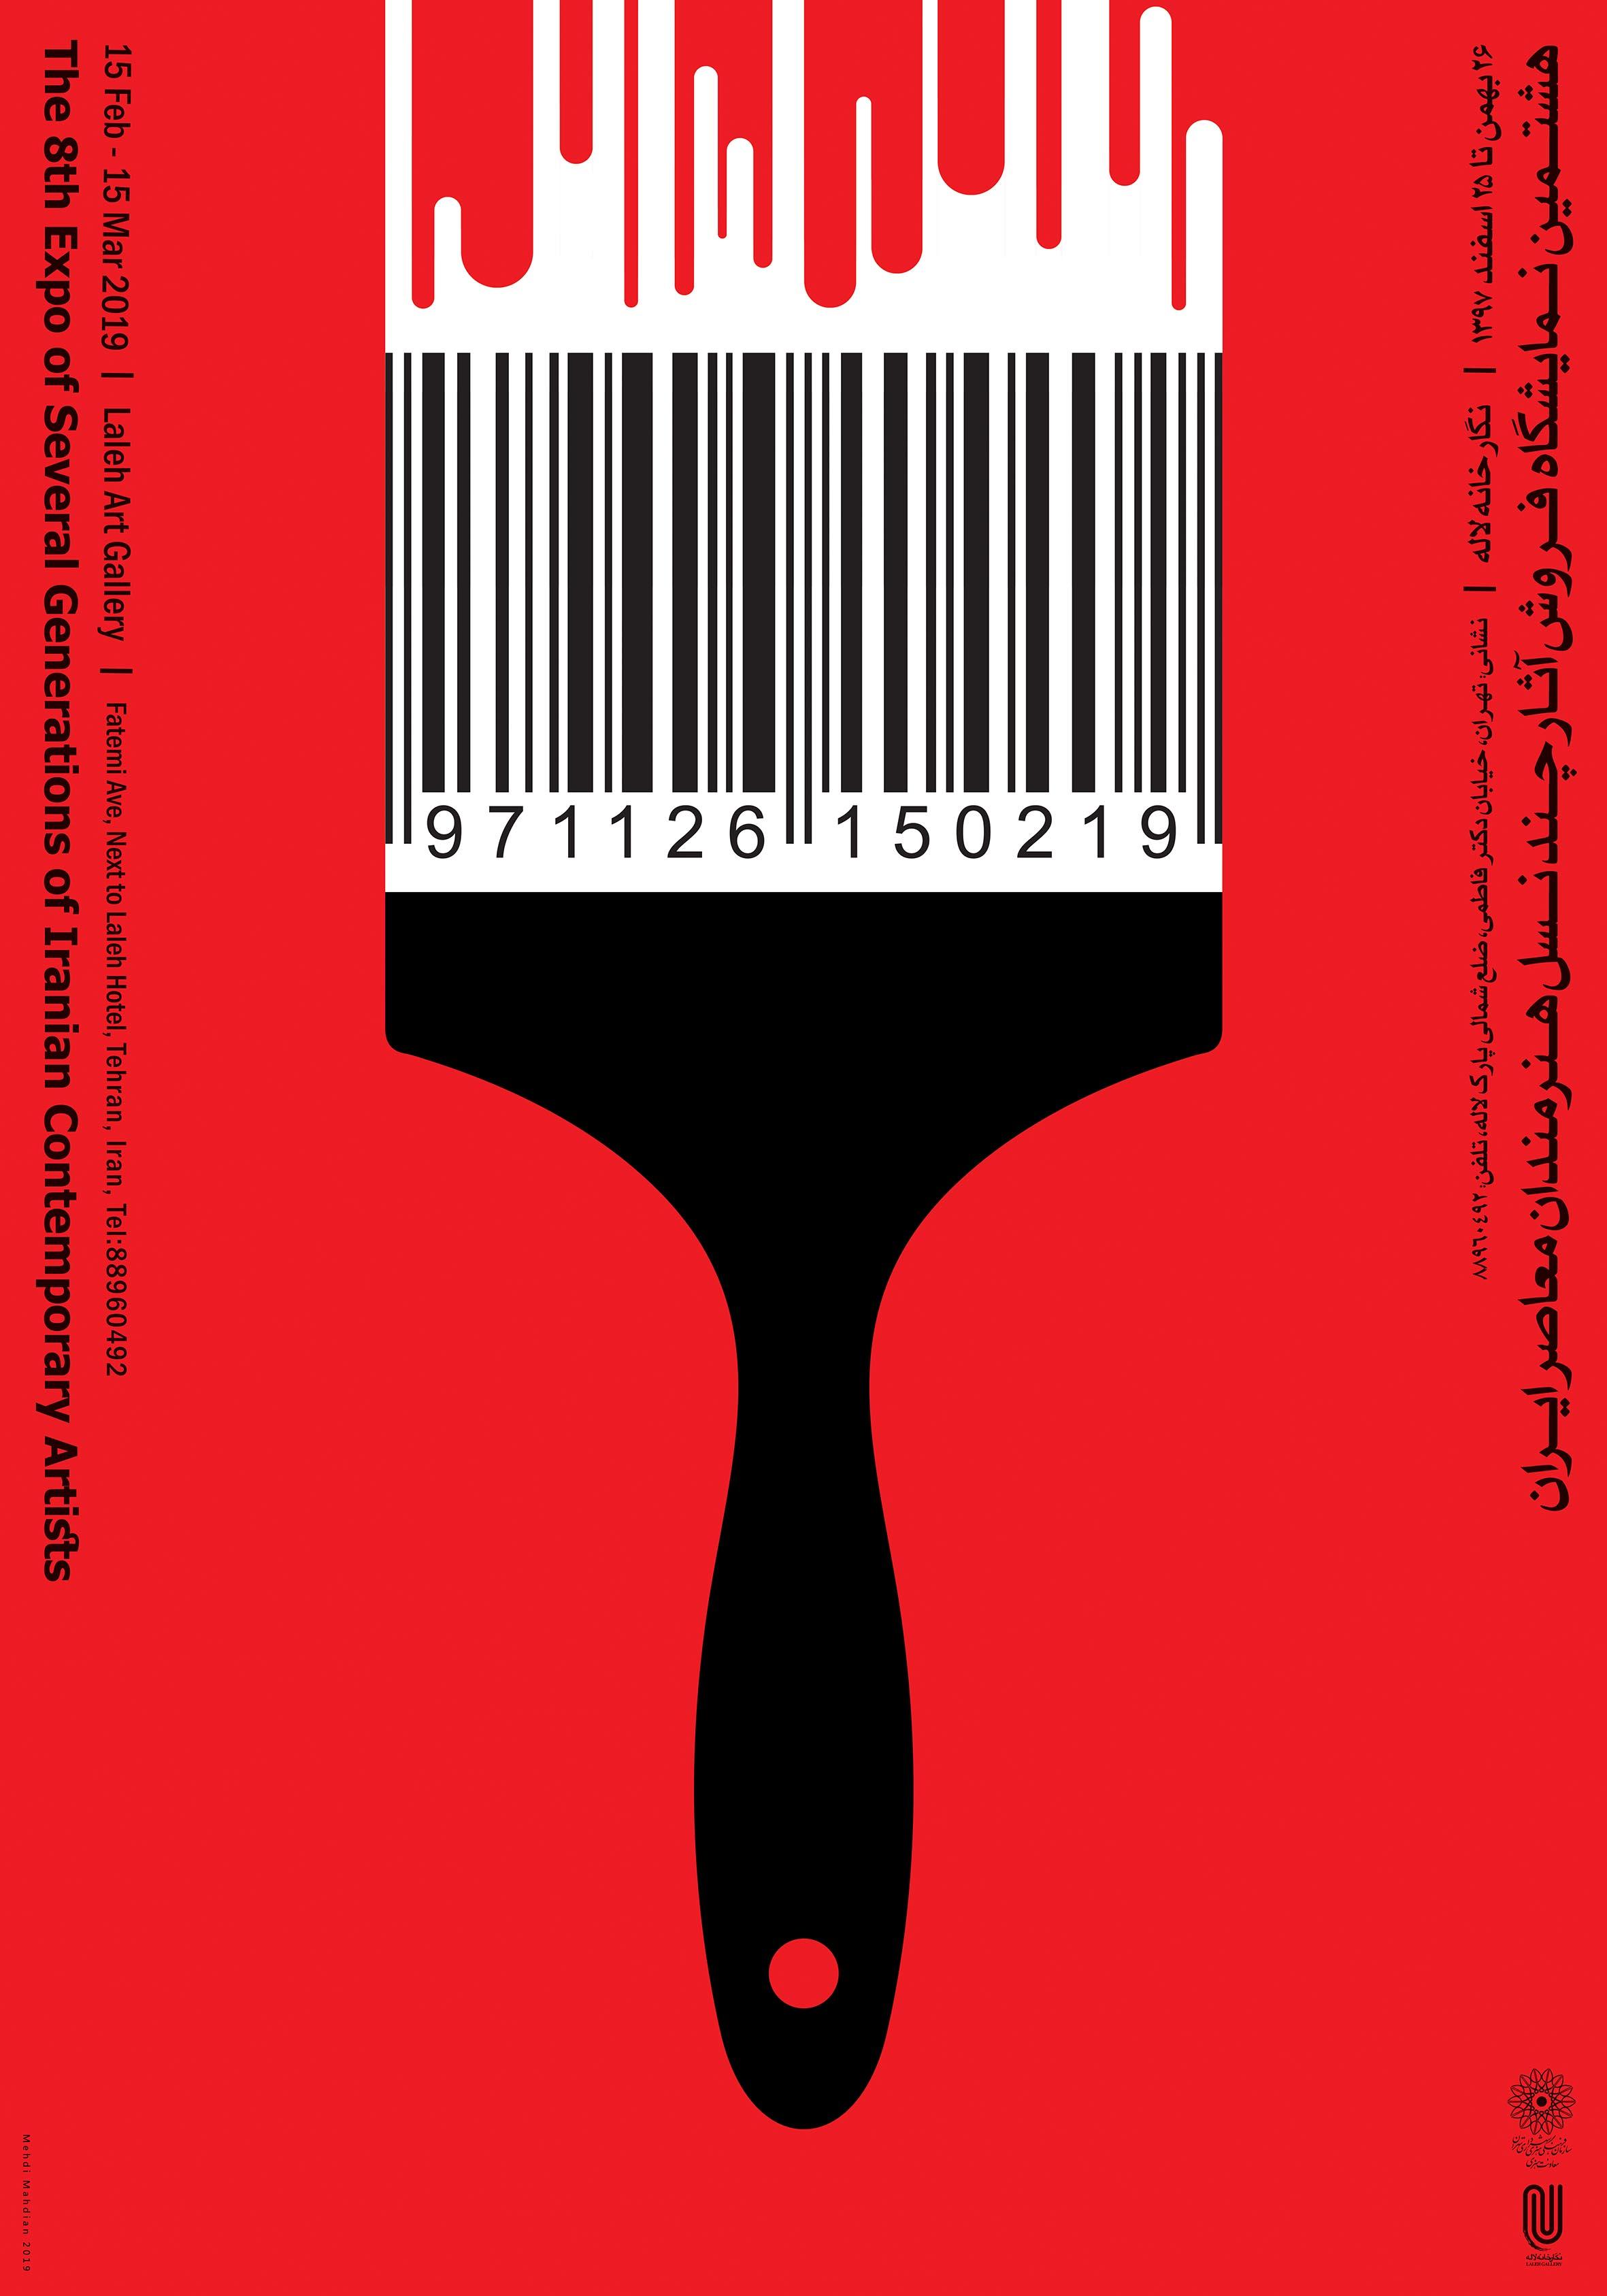 گشایش هشتمین نمایشگاه فروش آثار چند نسل هنرمندان معاصر ایران در نگارخانه لاله